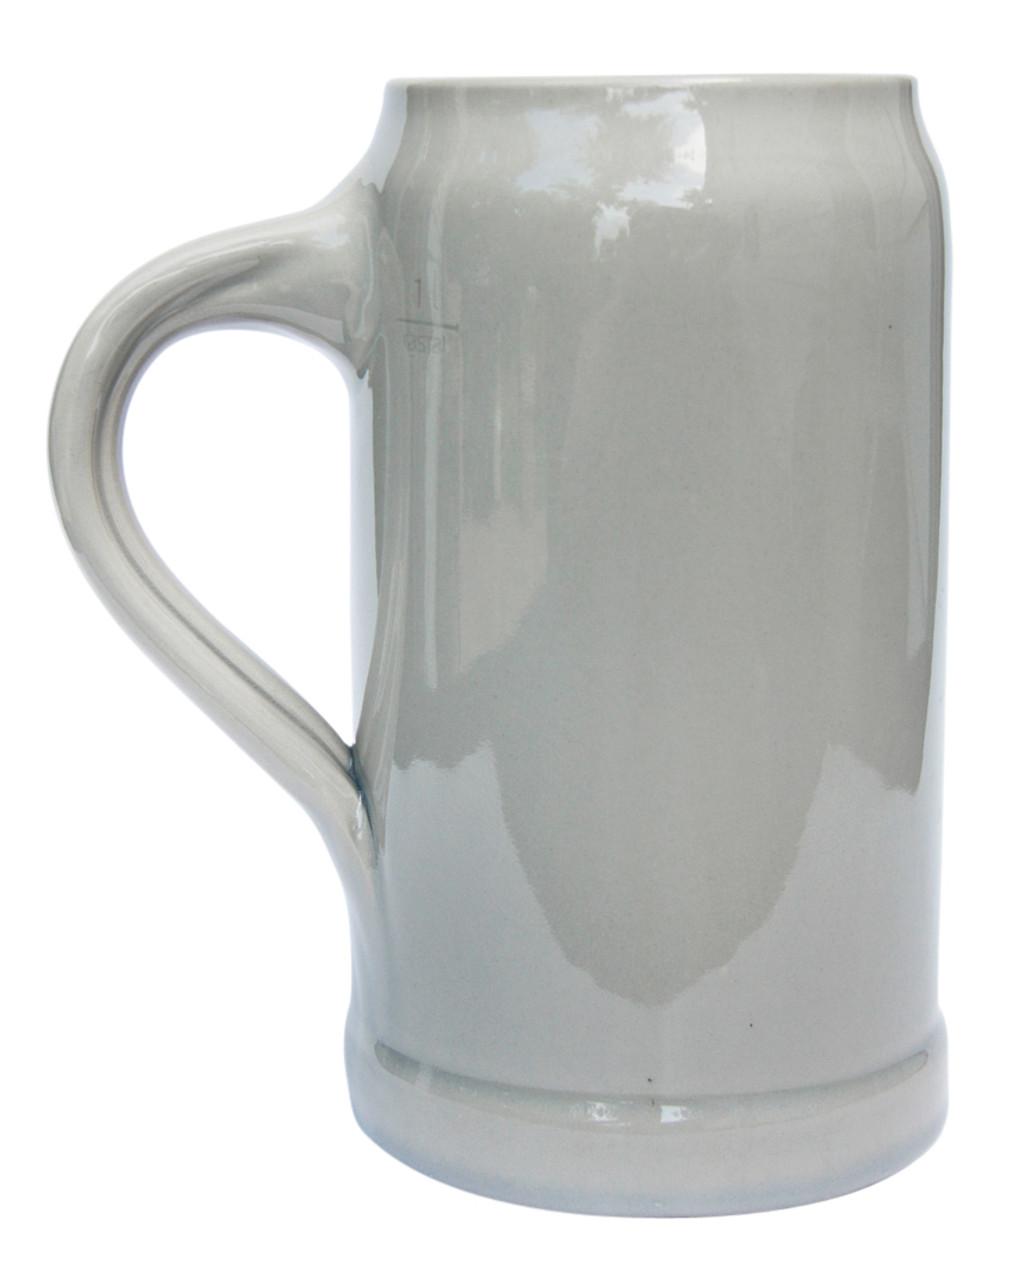 Traditional Stoneware Beer Mug for Original Pilsner Beer